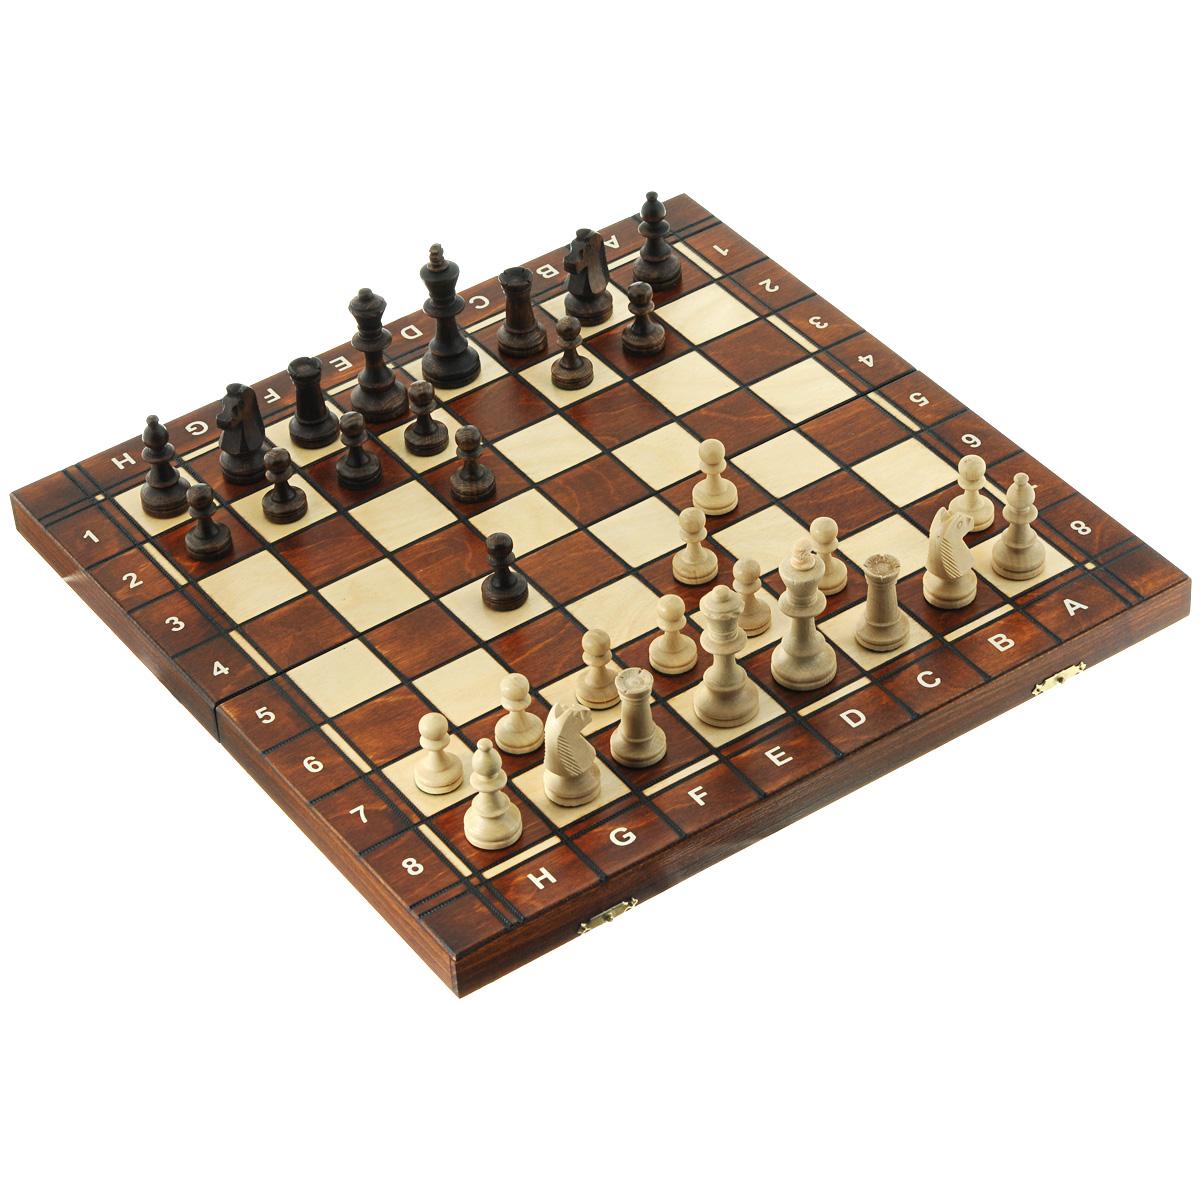 Игровой набор Wegiel Сенатор 3в1: шахматы, шашки, нарды, размер: 42х21х5 см. 30213021